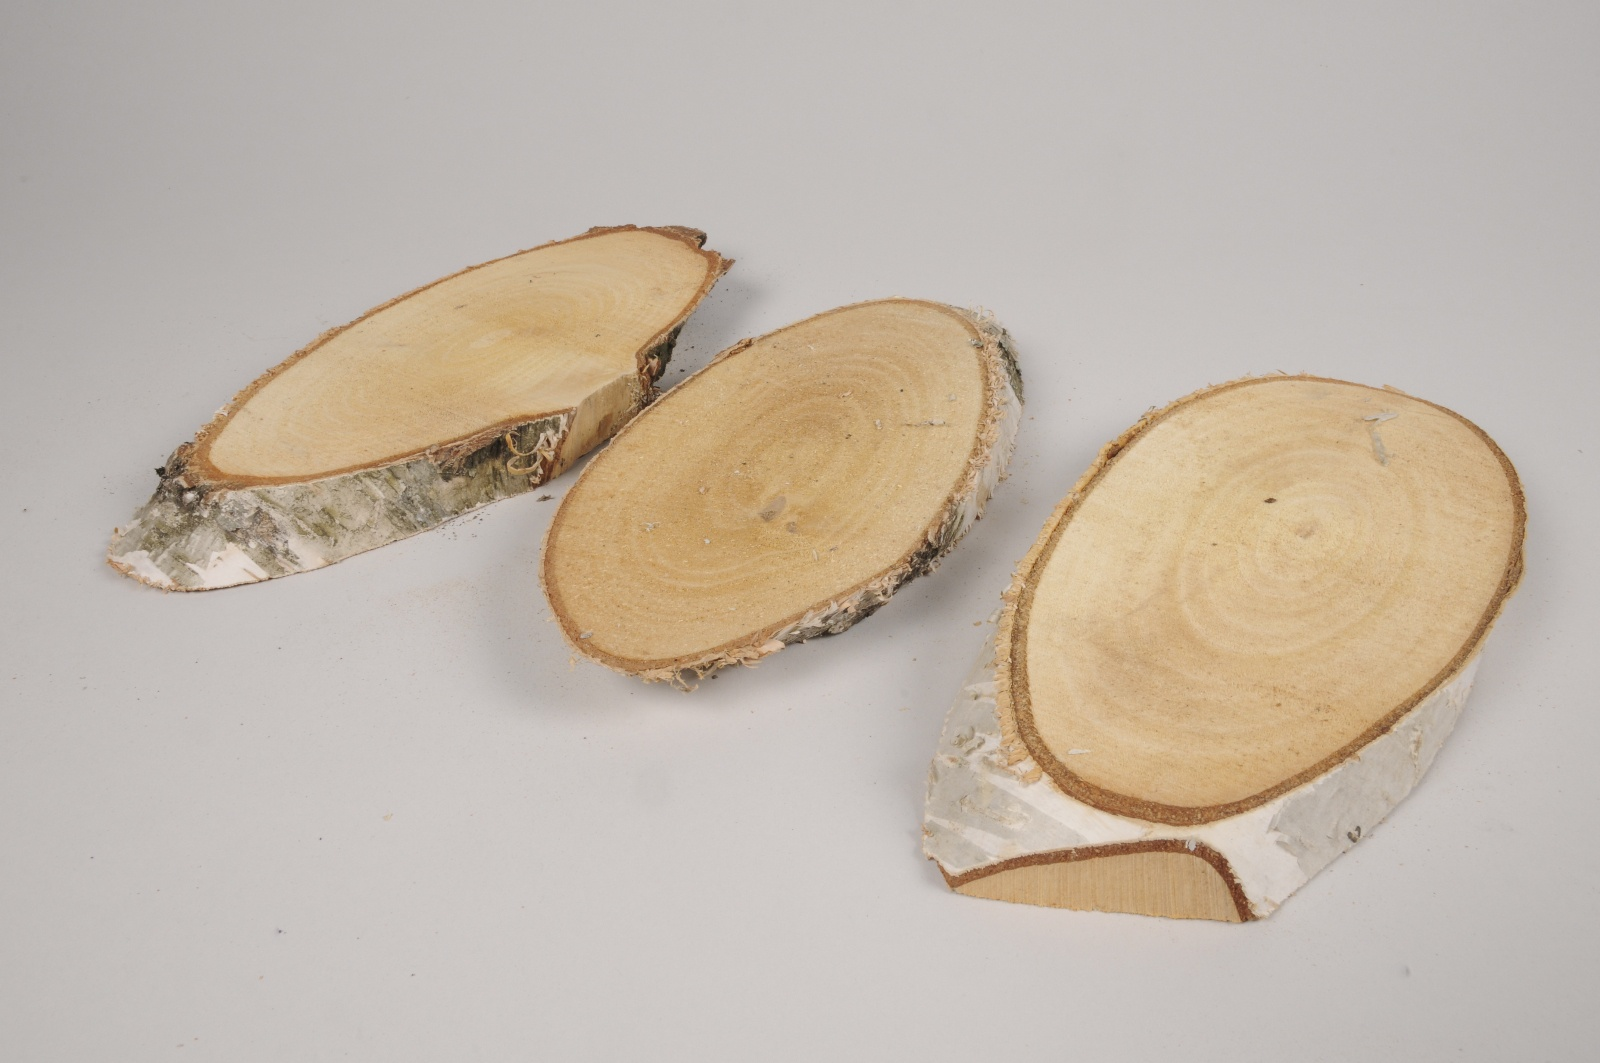 x075hm Sachet de 3 tranches de bois naturel 24x11cm